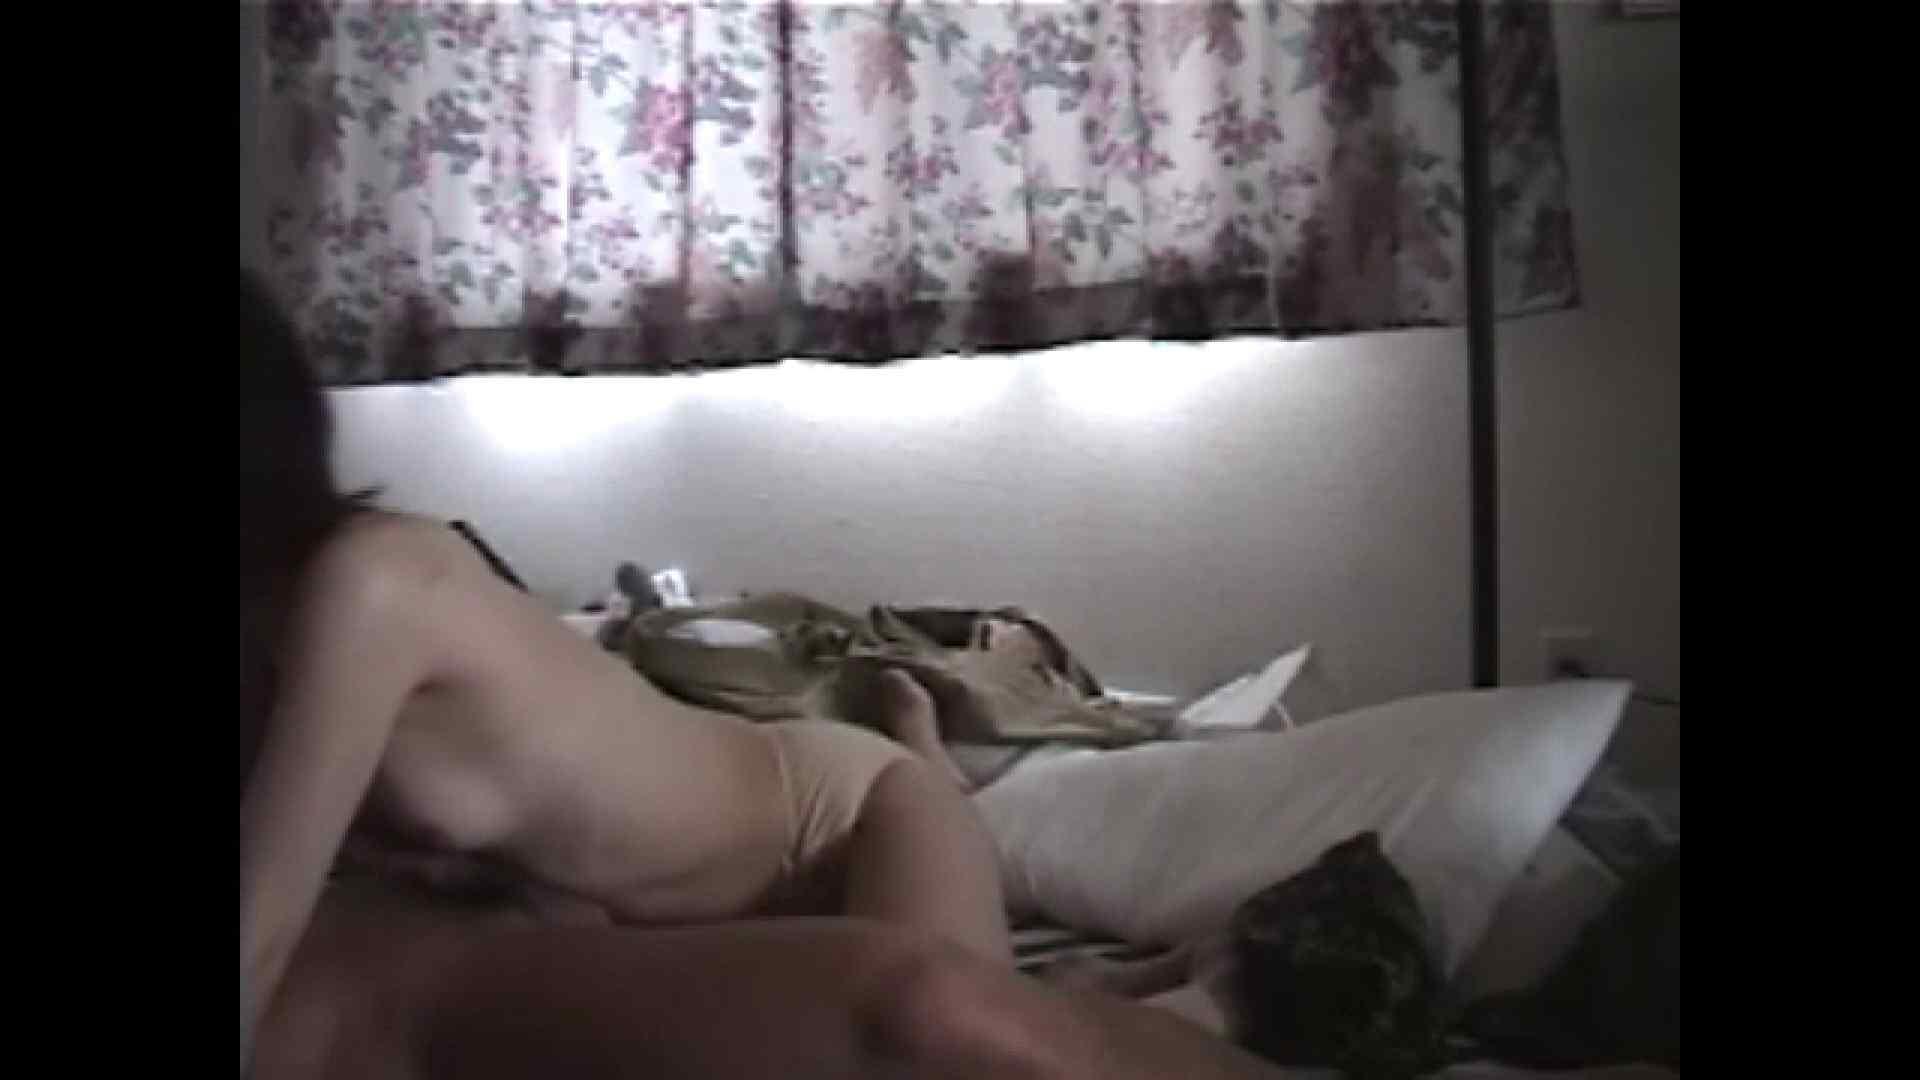 ノンケイケメンの欲望と肉棒 Vol.22 ノンケ  66pic 24